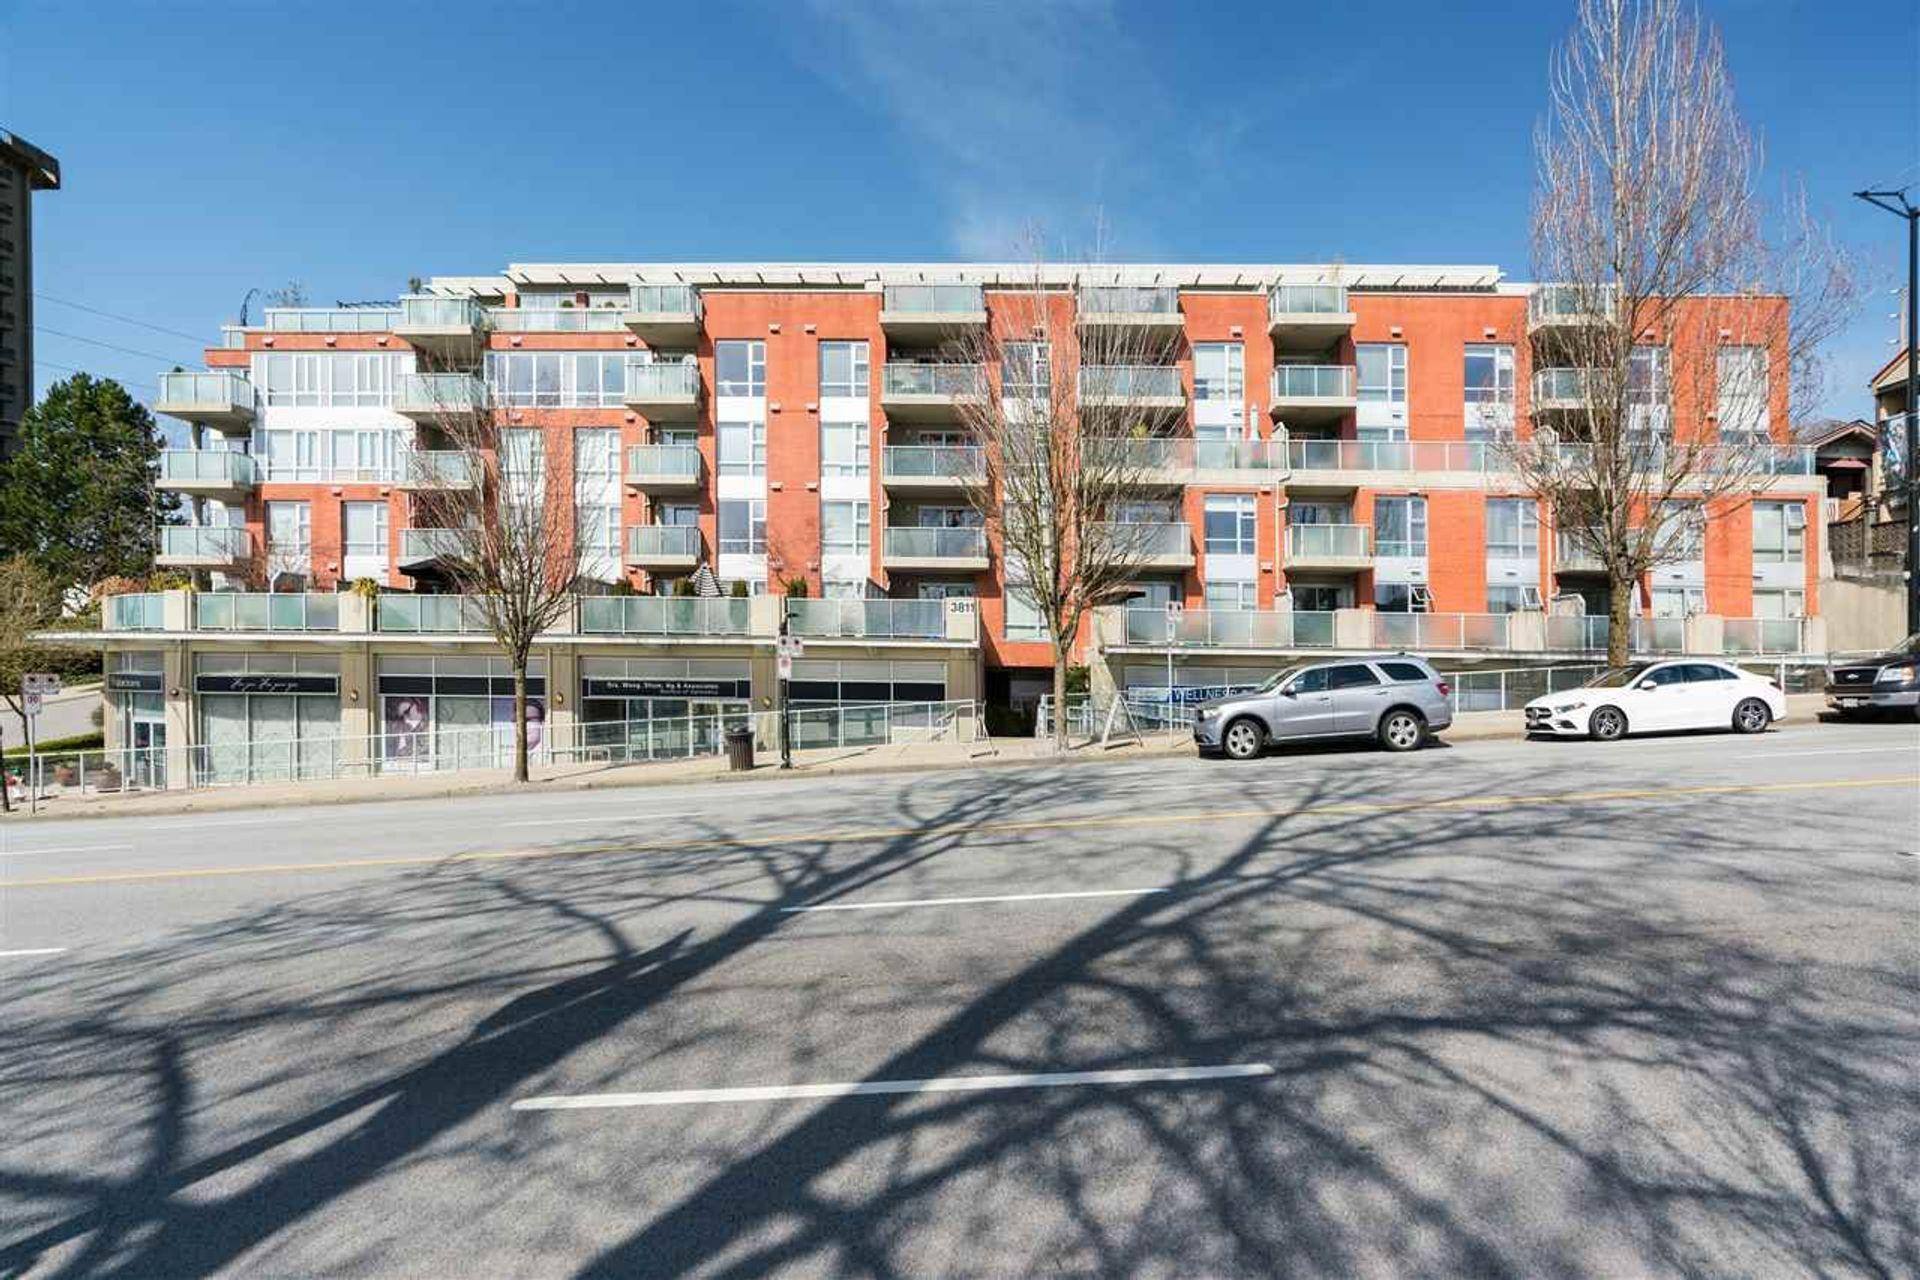 3811-hastings-street-vancouver-heights-burnaby-north-37 at 103 - 3811 Hastings Street, Vancouver Heights, Burnaby North